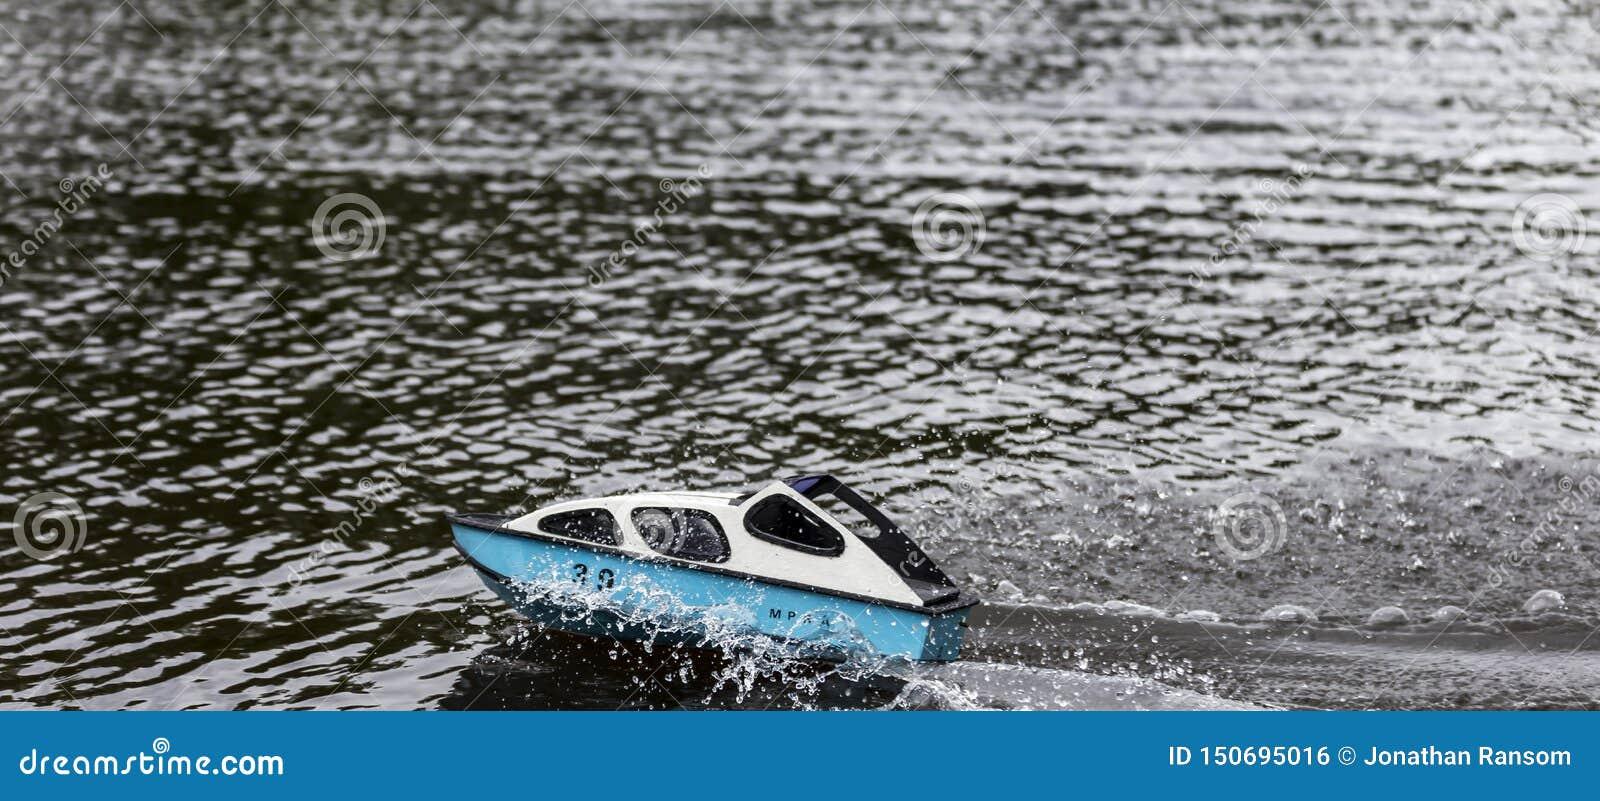 Lancha que compete em um lago que causa ondas